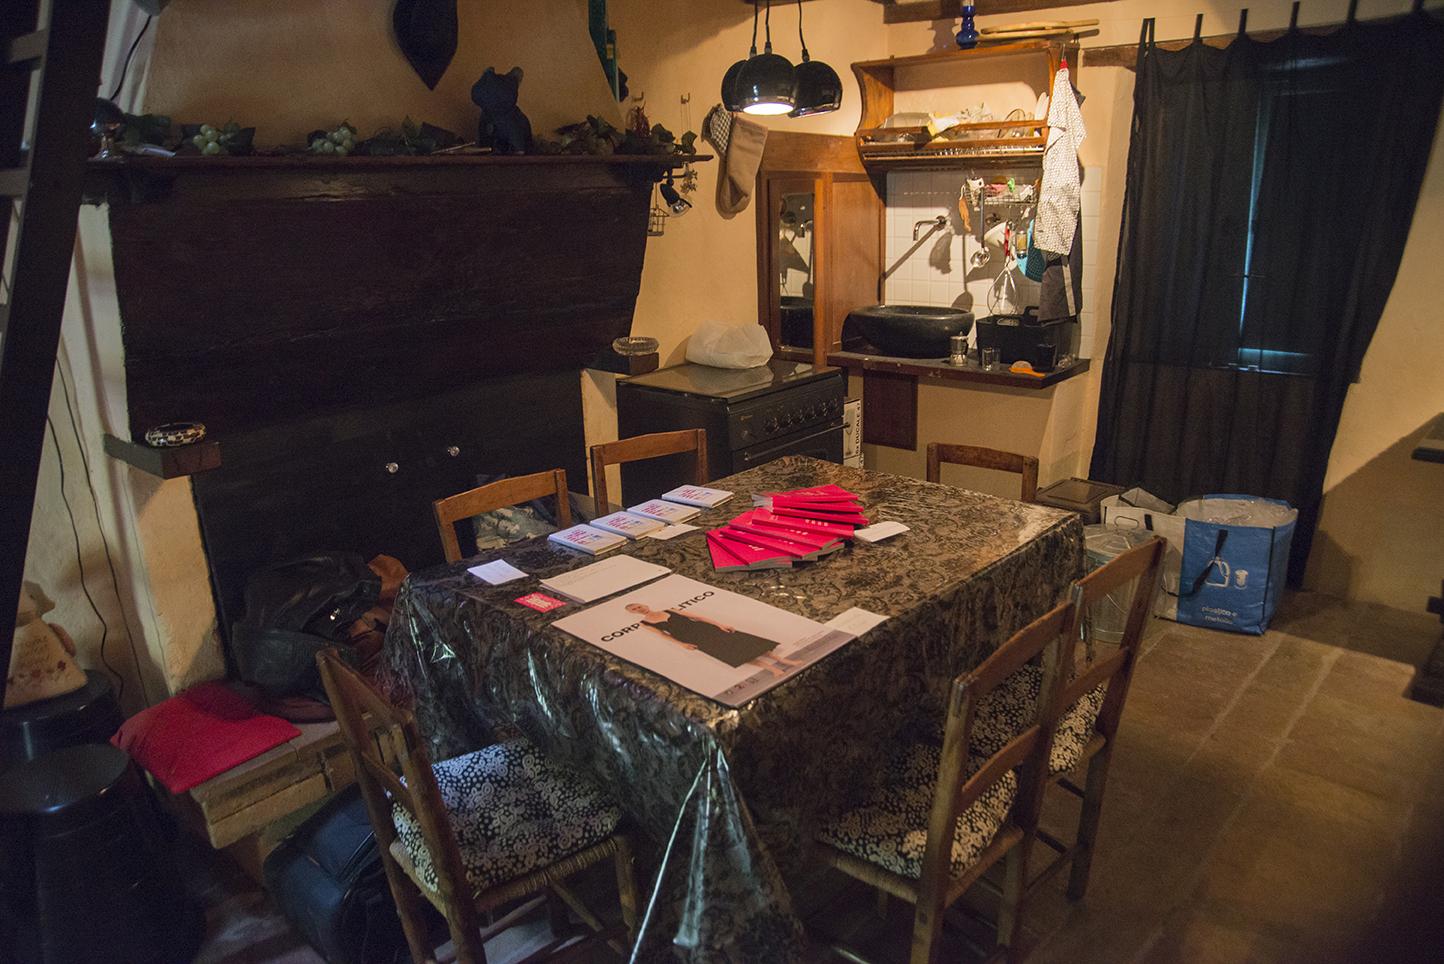 Un po' mostra, un po' residenza d'artista. A Palermo Casa Spazio ospita Casa Sponge